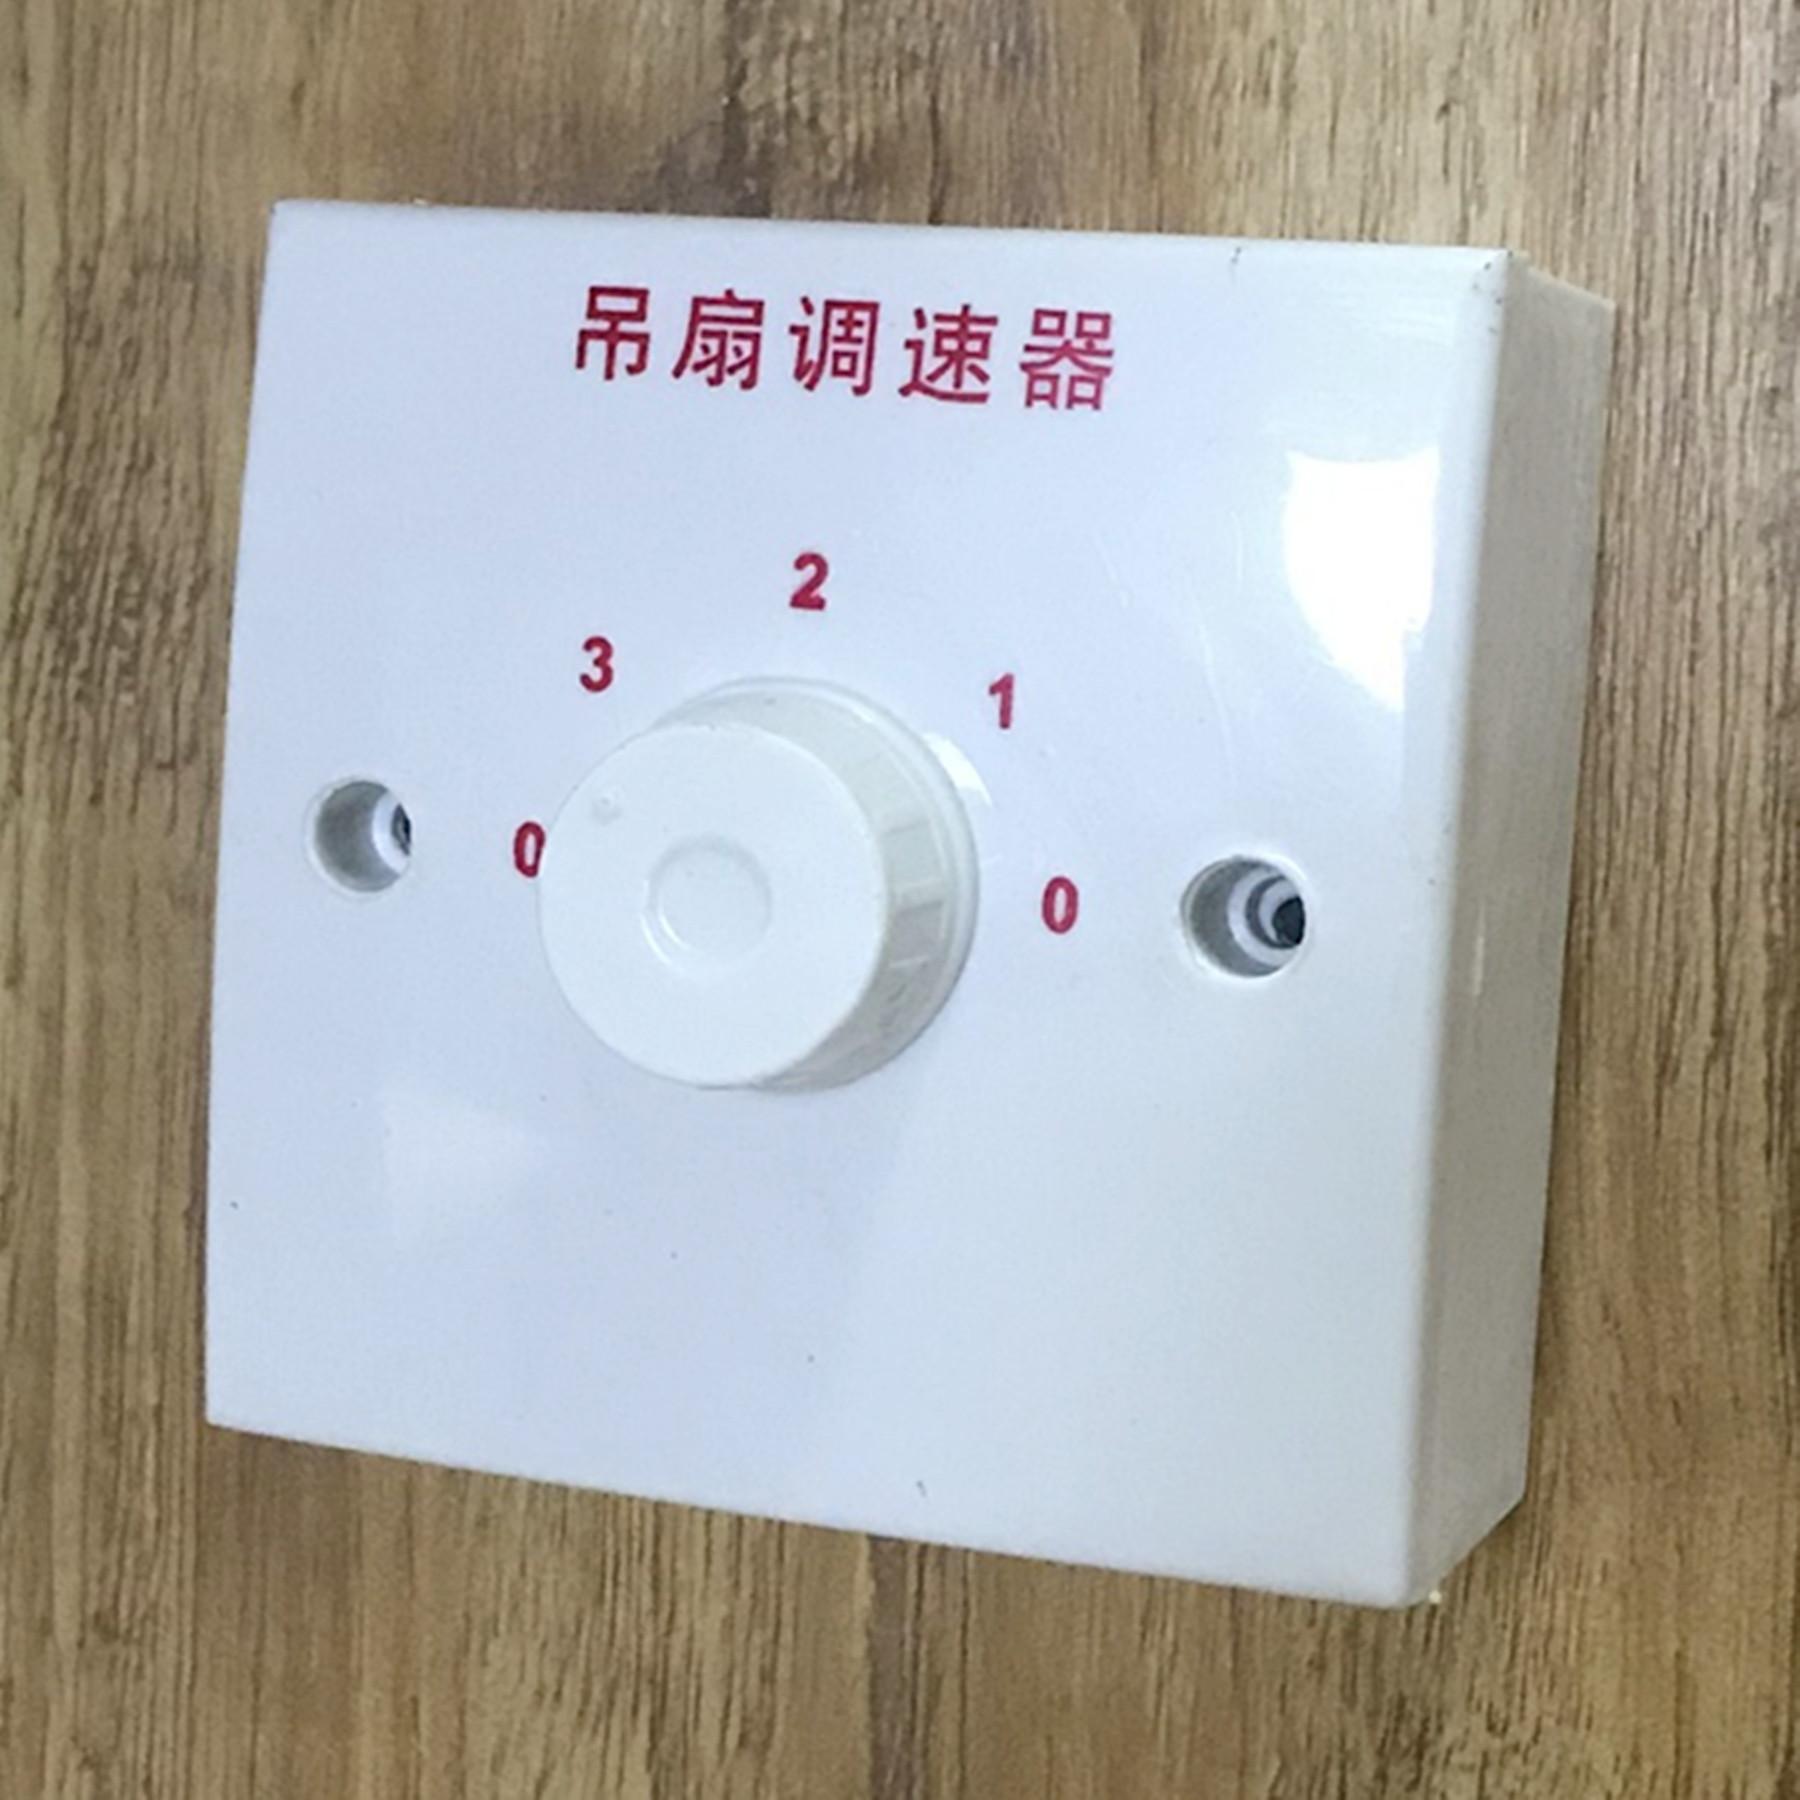 吊扇调速器86型 明装 暗装 3档电风扇调速器 调速开关调节开关